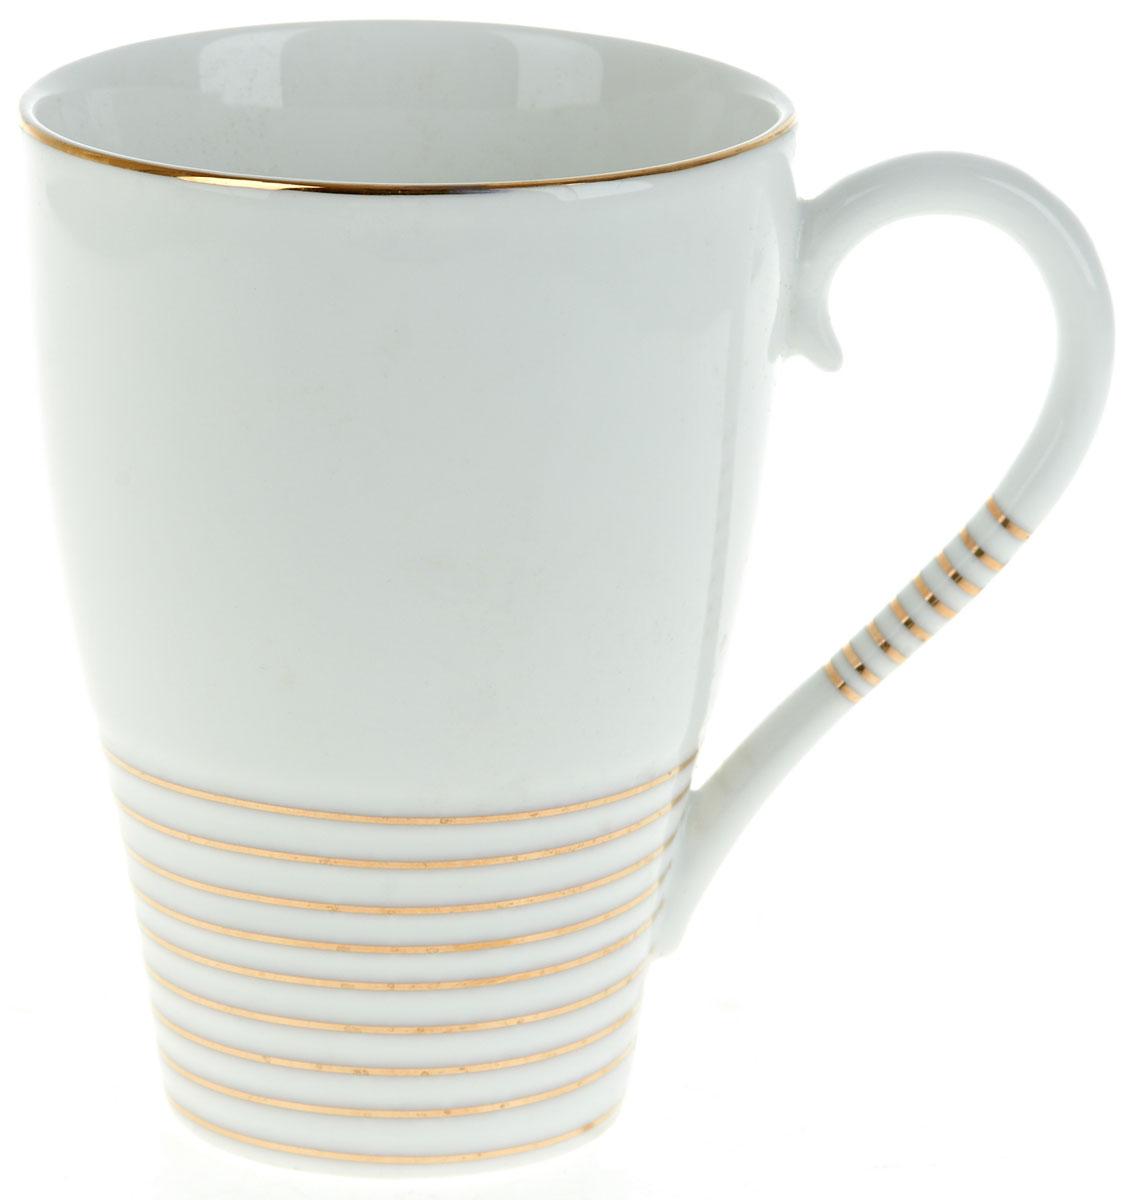 Кружка BHP Грация, 430 мл54 009312Оригинальная кружка Best Home Porcelain, выполненная из высококачественного фарфора, сочетает в себе простой, утонченный дизайн с максимальной функциональностью. Оригинальность оформления придется по вкусу тем, кто ценит индивидуальность.Можно использовать в посудомоечной машине.